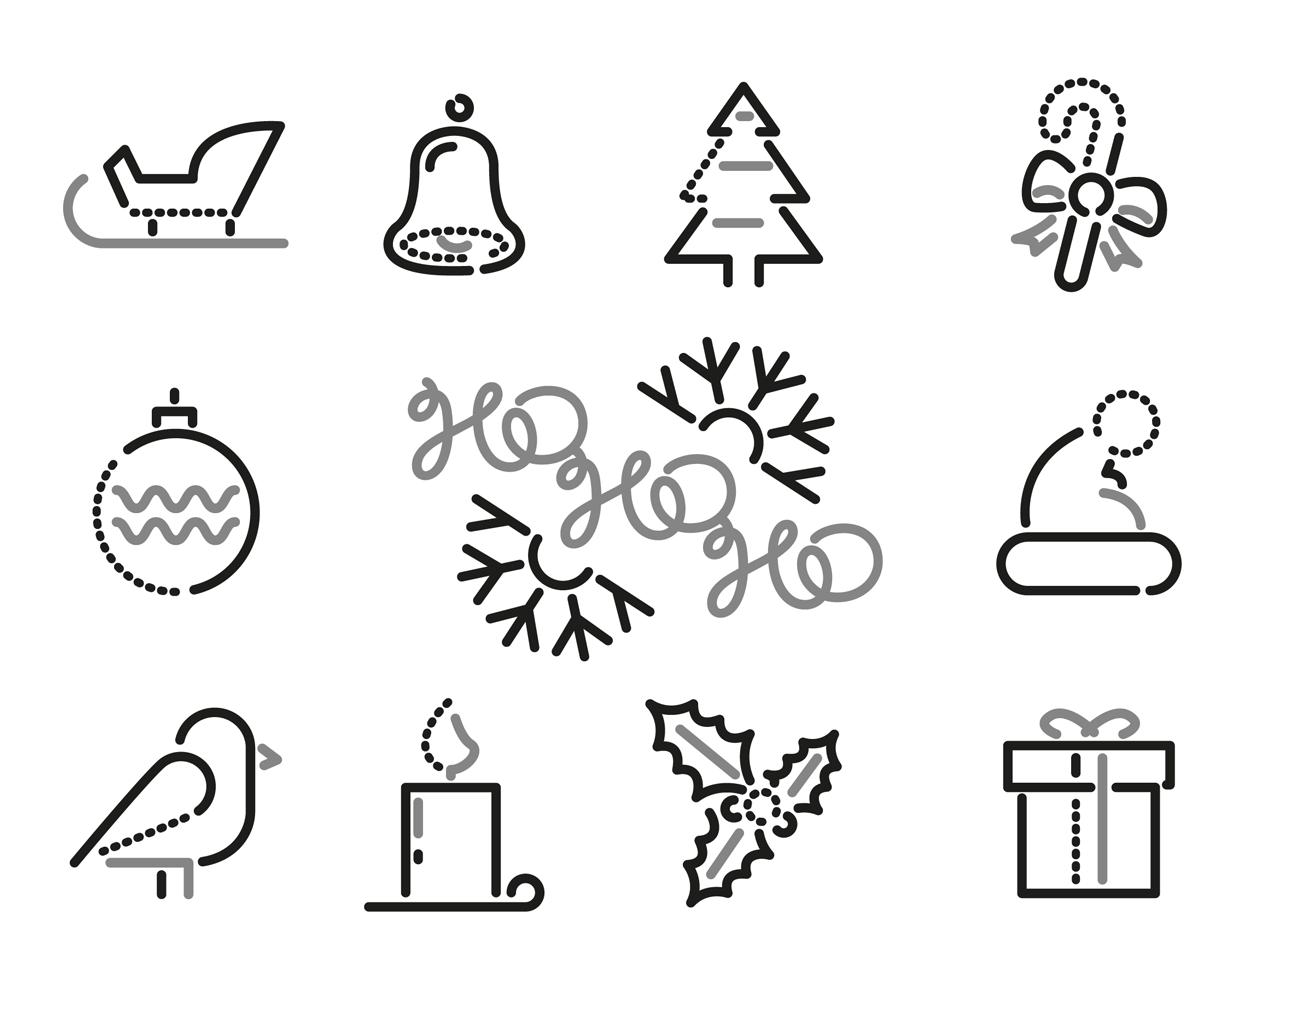 Weihnachtsmotive Schwarz Weiß Kostenlos.Kostenlose Weihnachts Icons Und Piktogramme Page Online